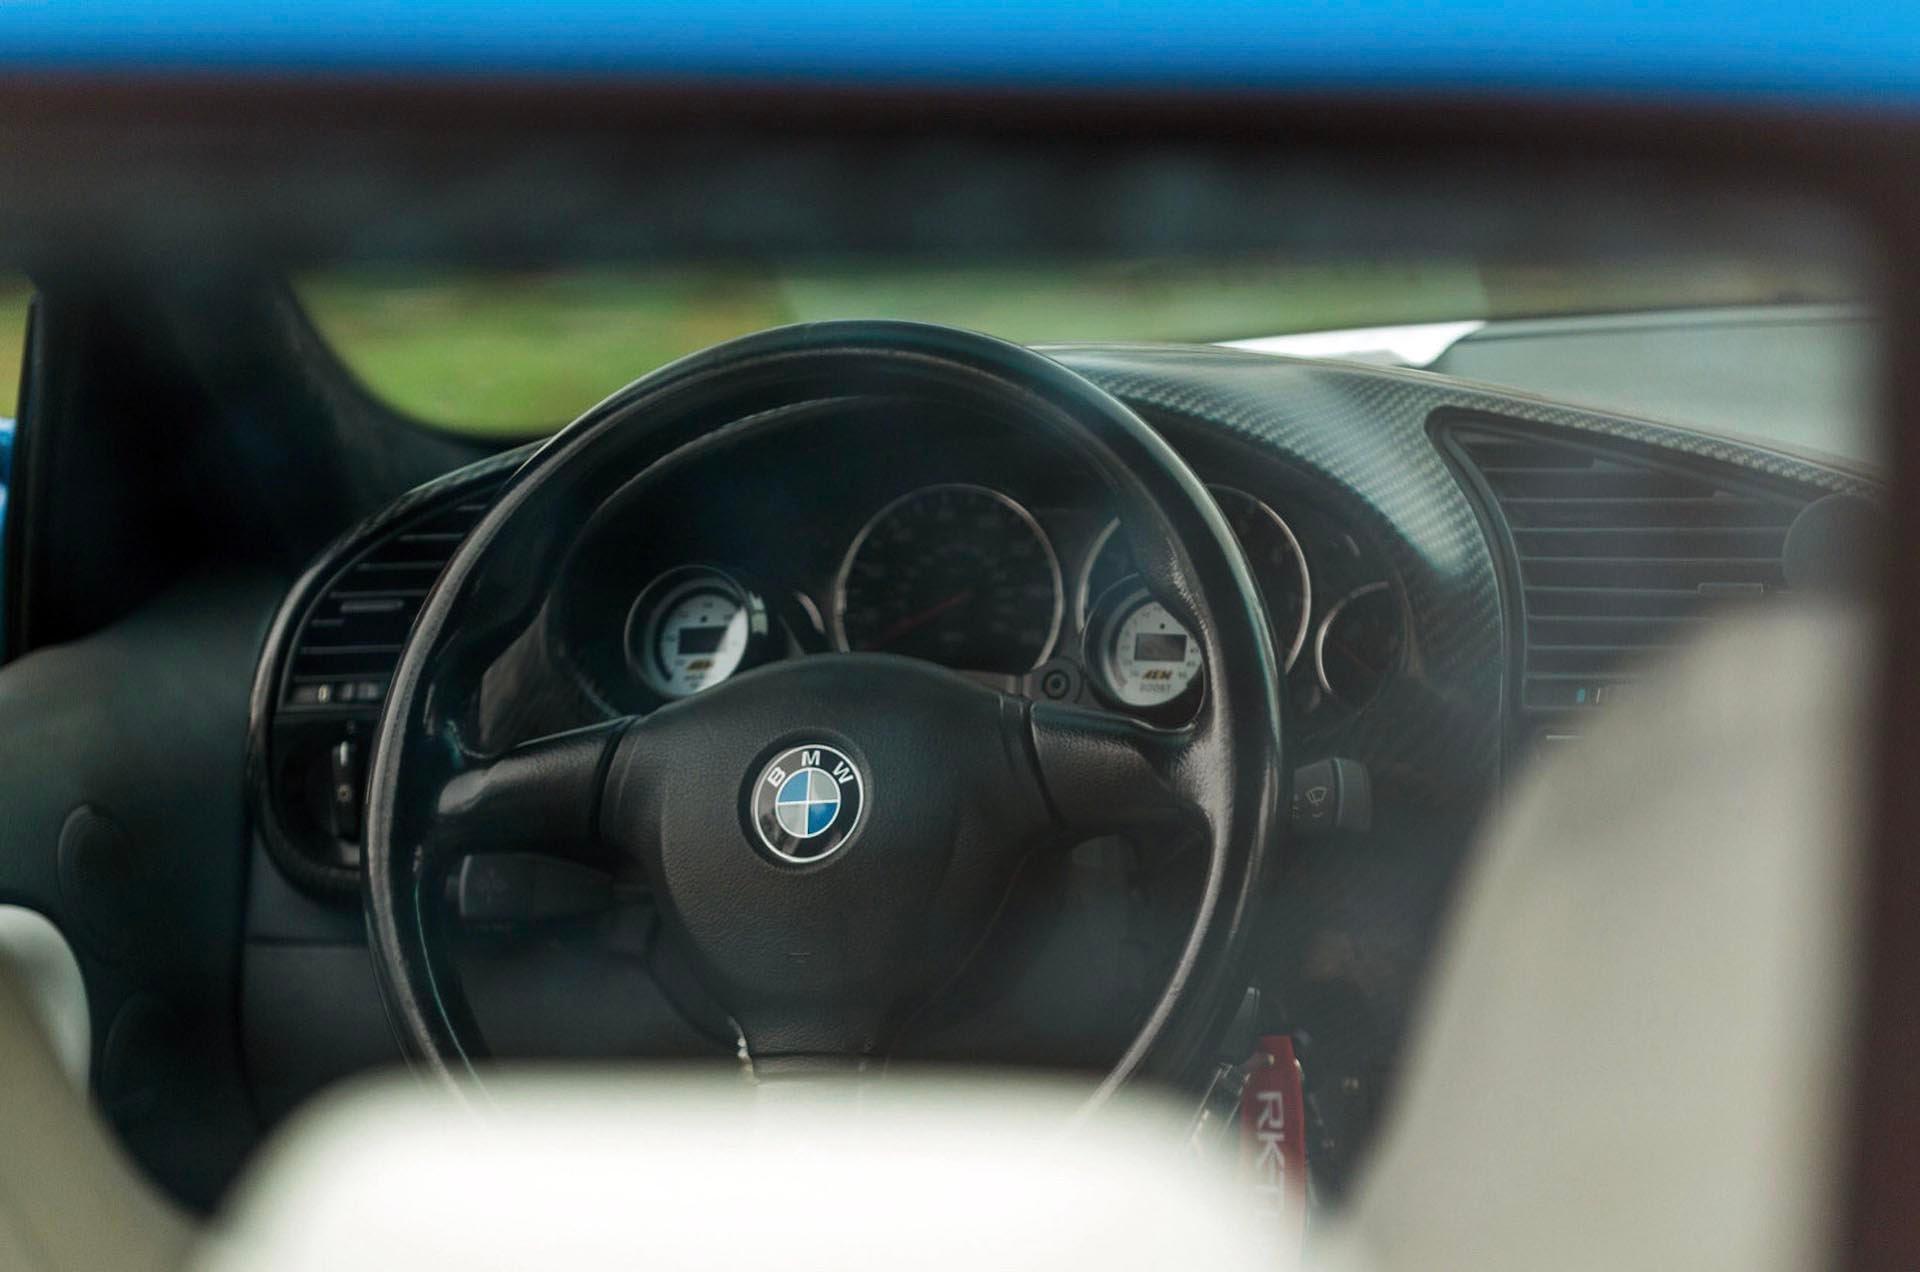 BMW M-Tech 2 steering wheel in E36